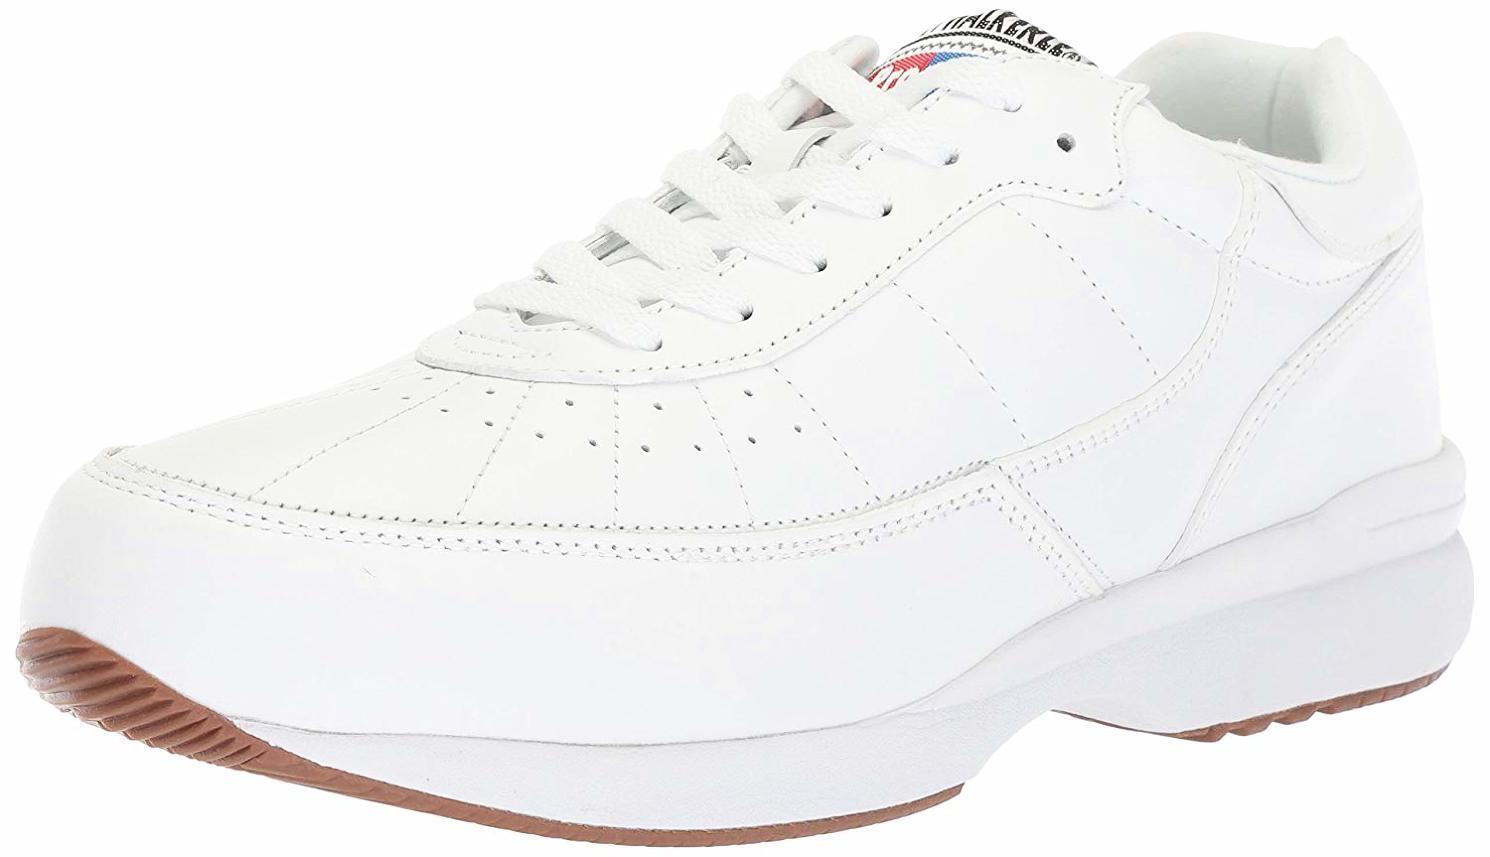 Propét Men's Propet Walker Le Walking shoes - Choose SZ color